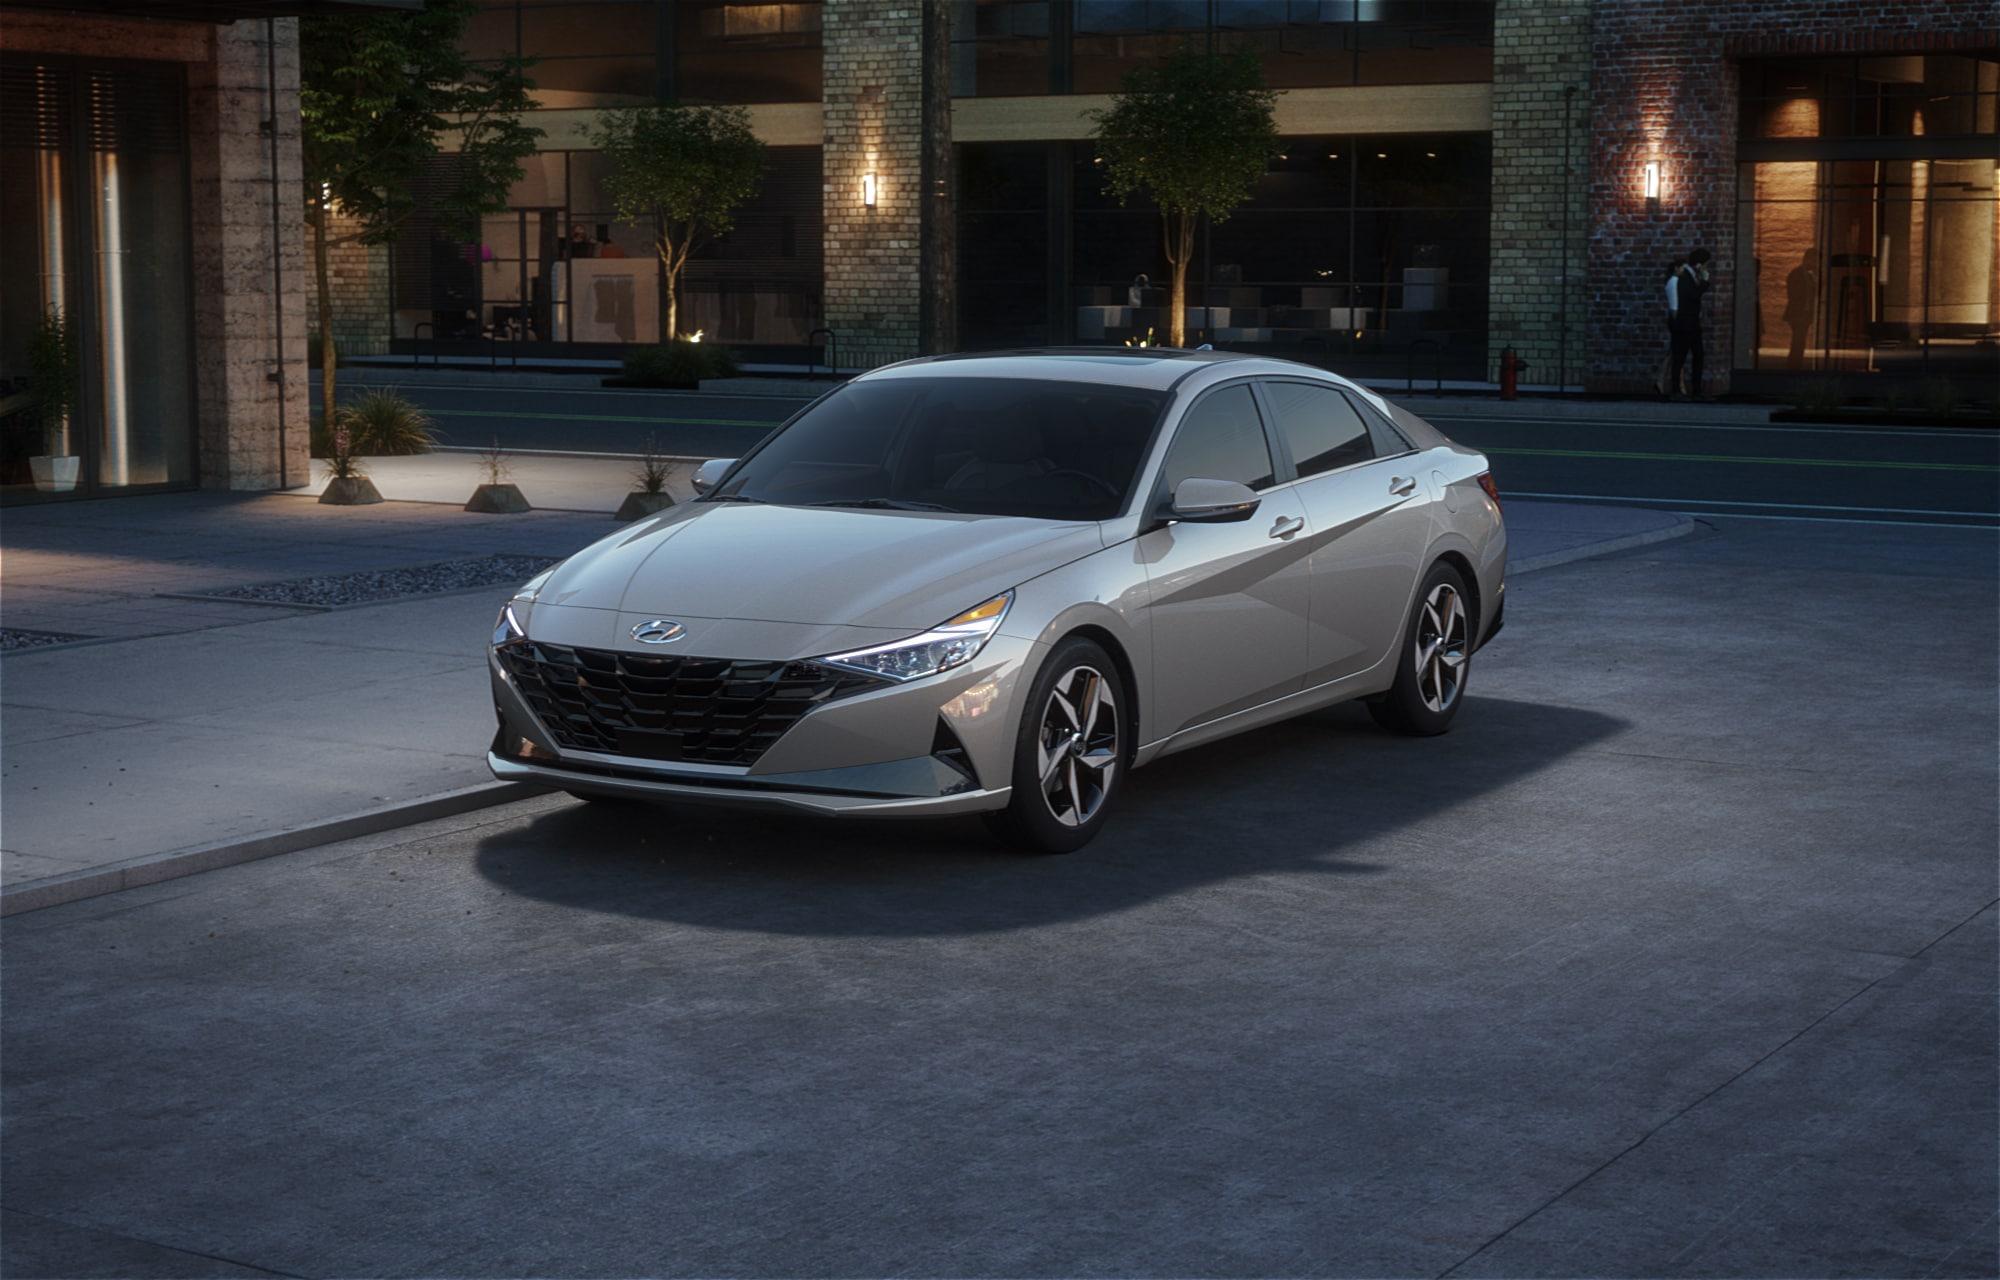 Hyundai ELANTRA 2021 Gris cyber